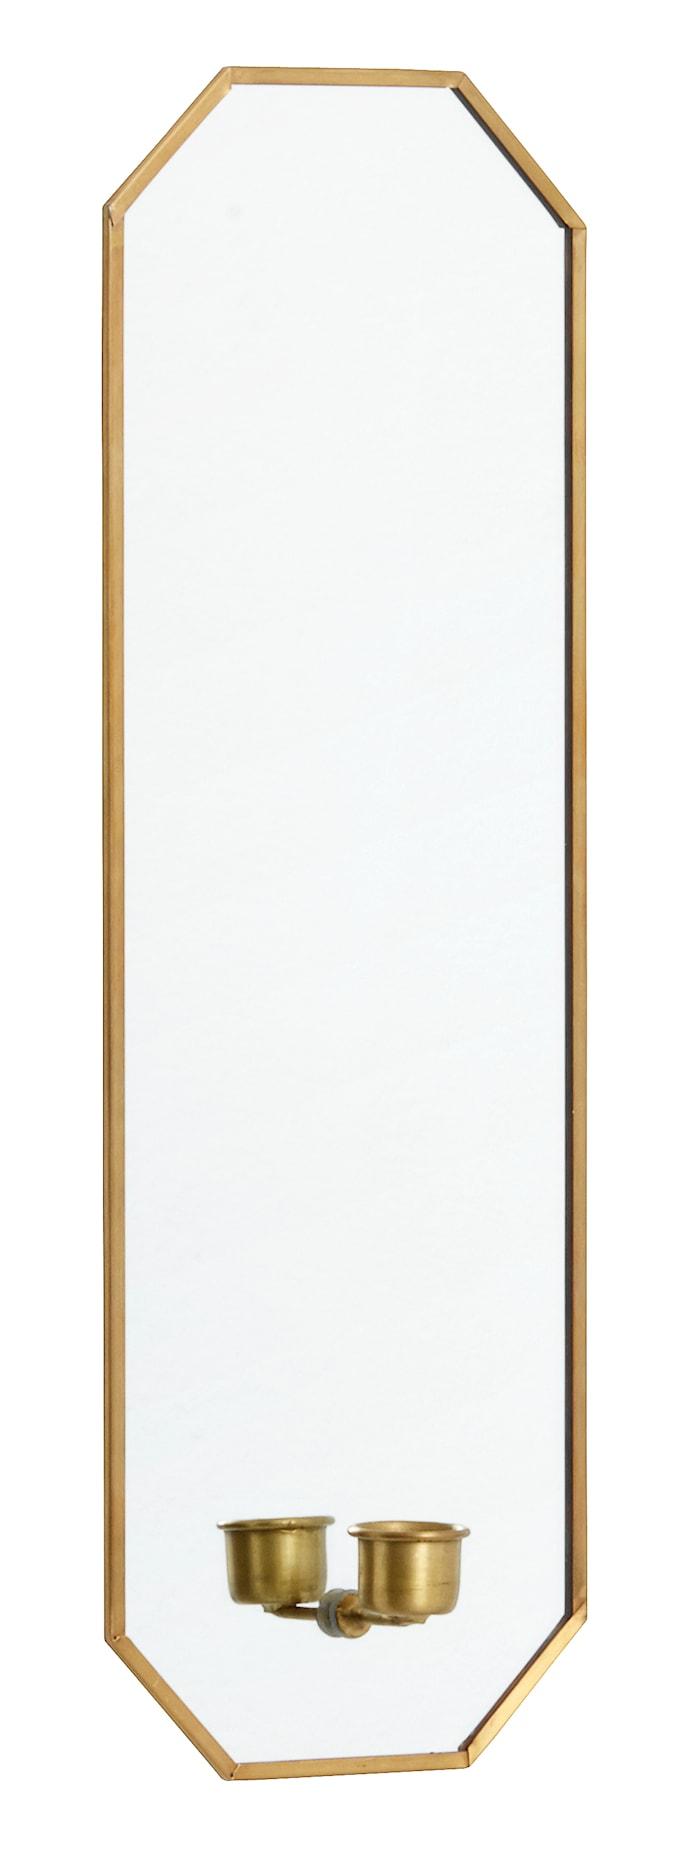 Peili kynttilänjalalla 38 x 13 cm- Kulta